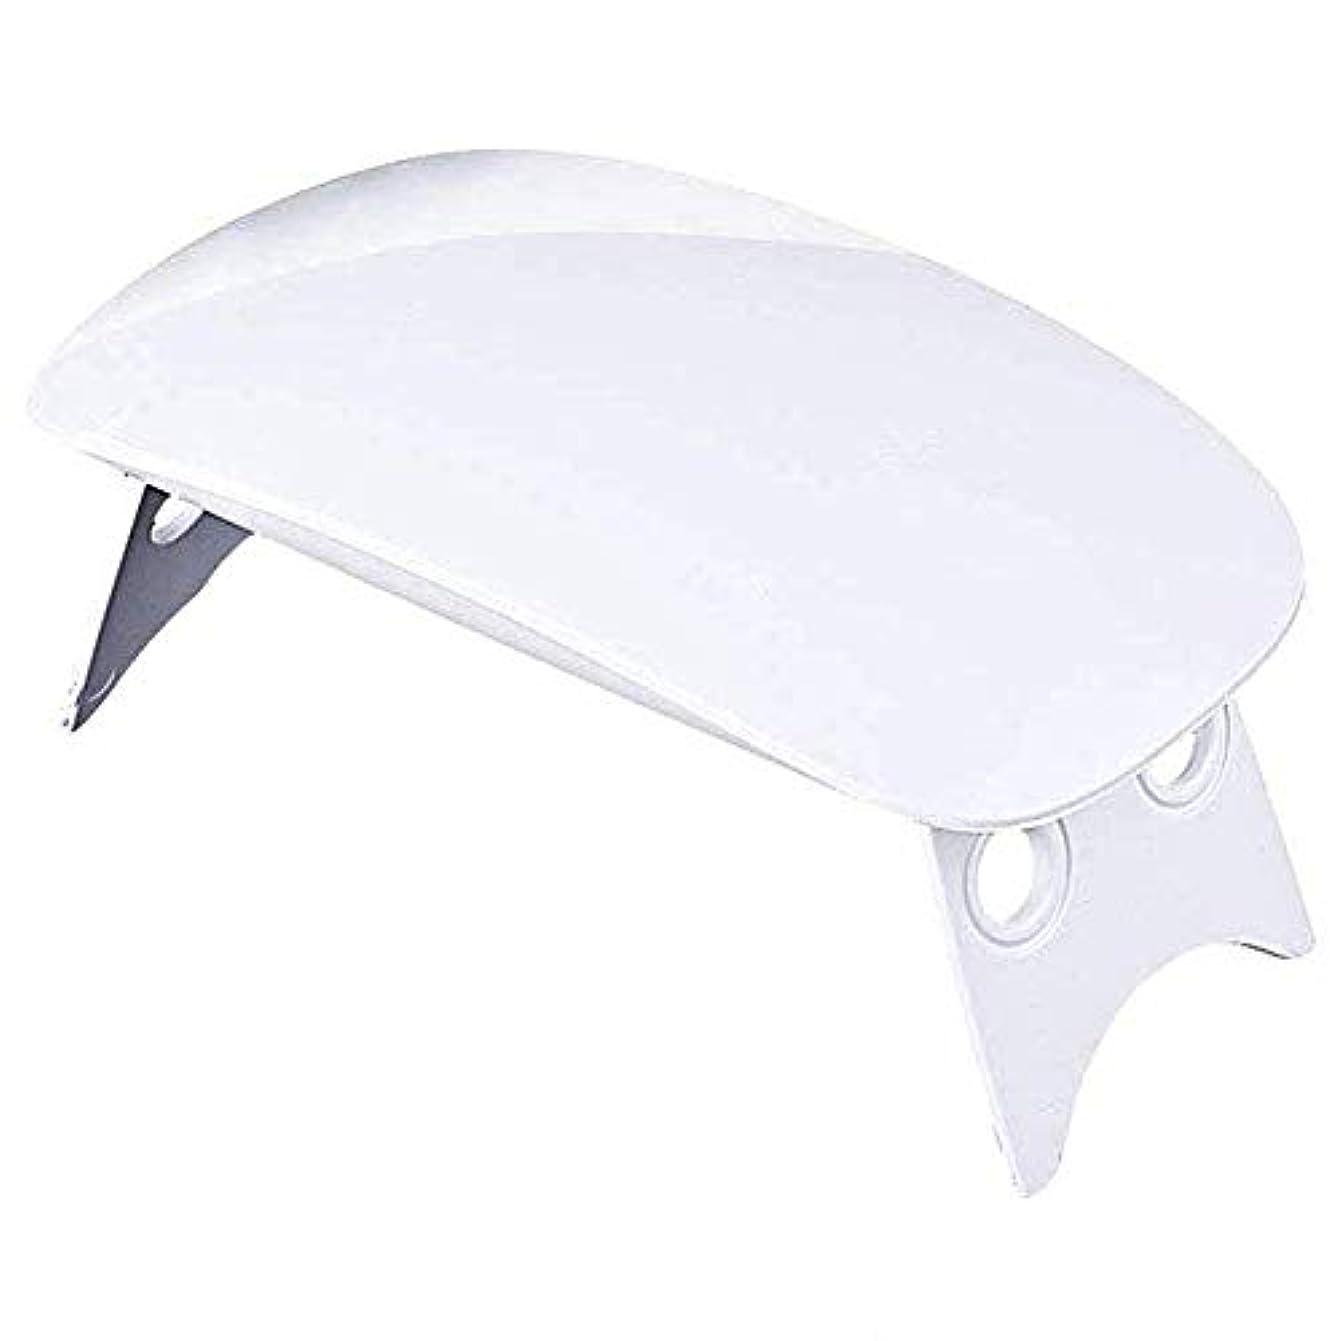 マージン花束締め切りLEDネイルドライヤー UVライト 折りたたみ式 設定可能 タイマー ジェルネイル